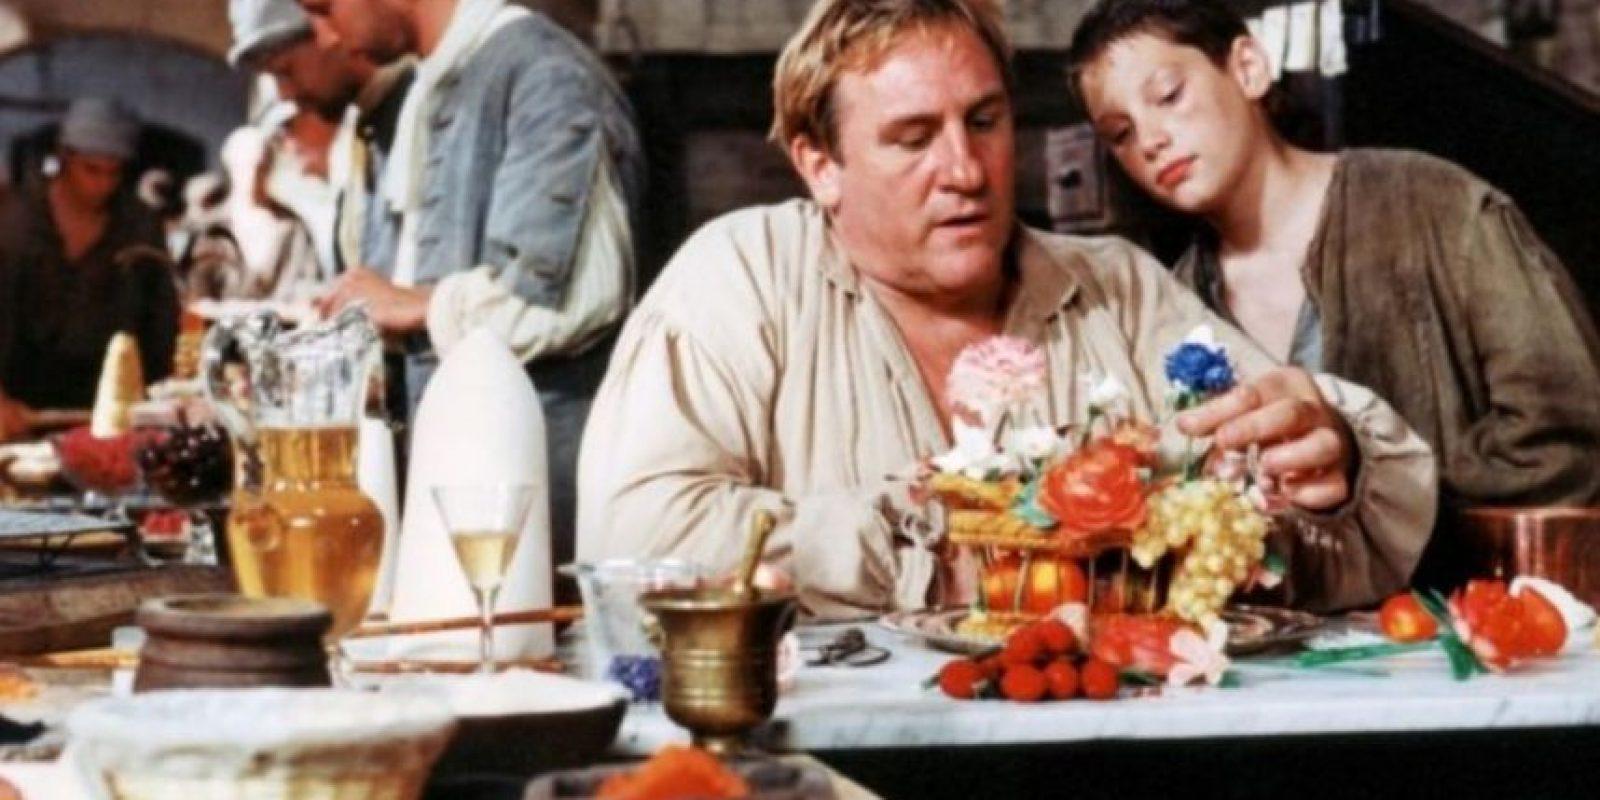 El organizador de banquetes de Luis XIV, murió al atravesarse el corazón porque no soportó que la langosta llegase al banquete del rey con retraso. Foto:Sherlock Pictures